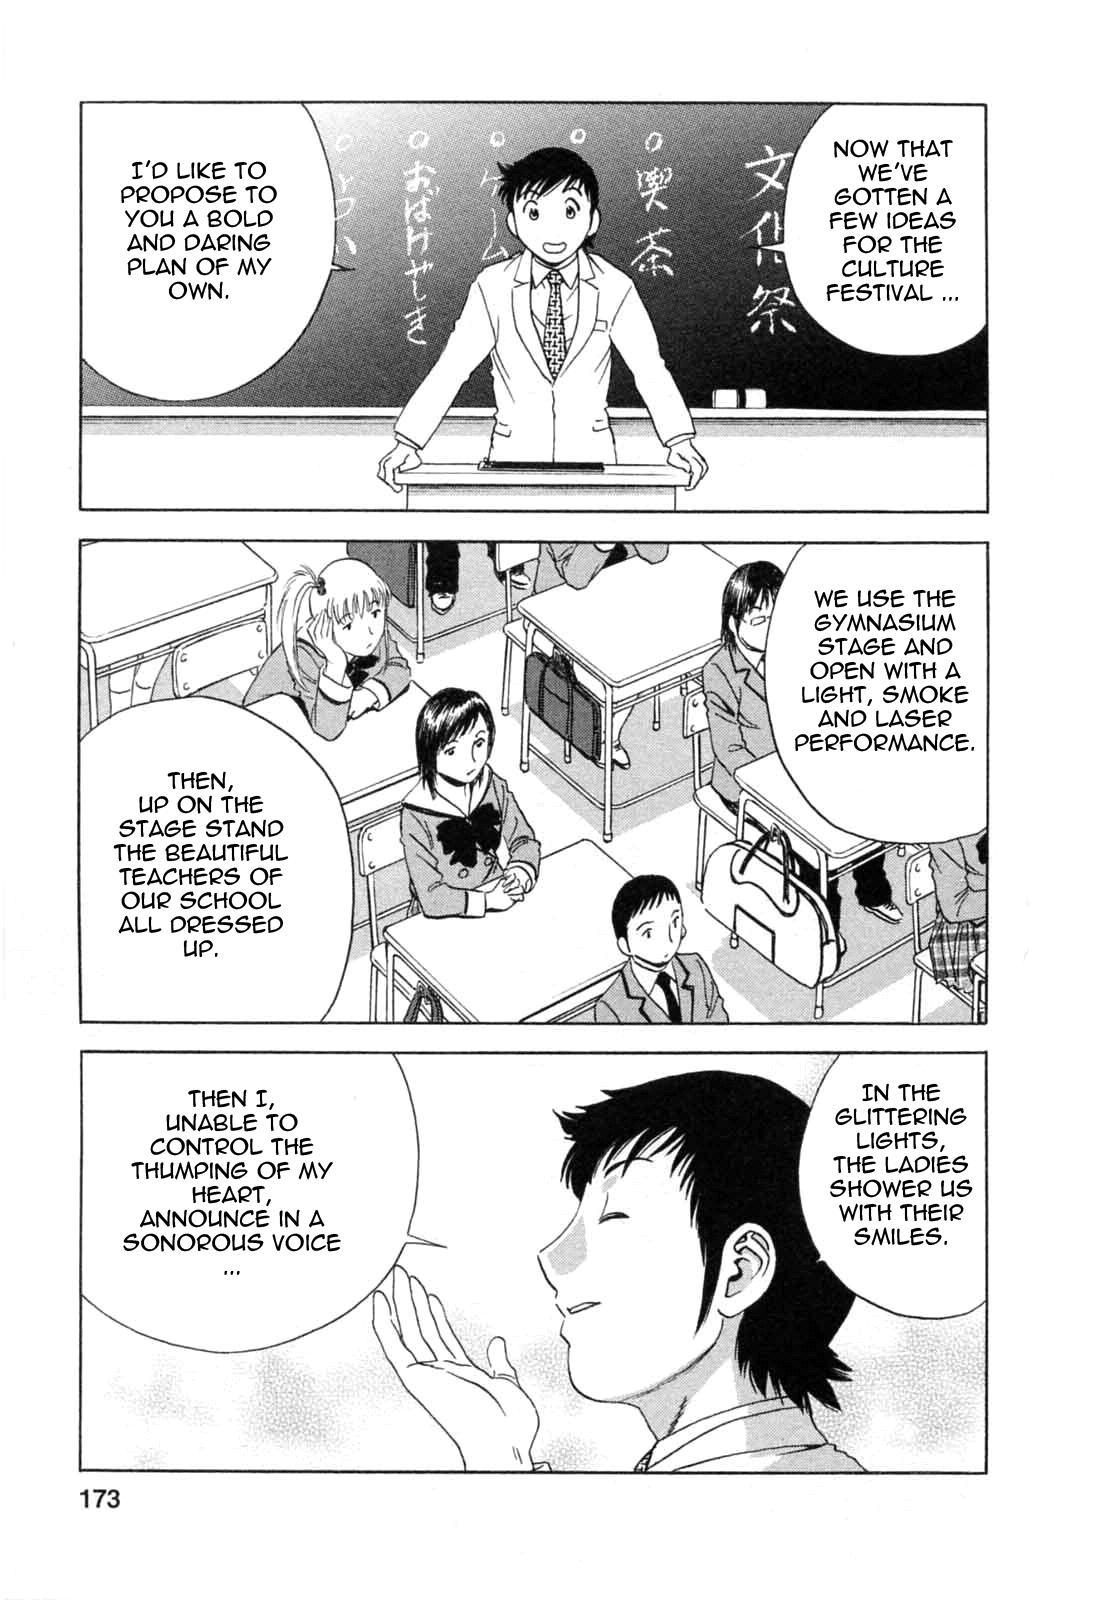 [Hidemaru] Mo-Retsu! Boin Sensei (Boing Boing Teacher) Vol.5 [English] [4dawgz] [Tadanohito] 171